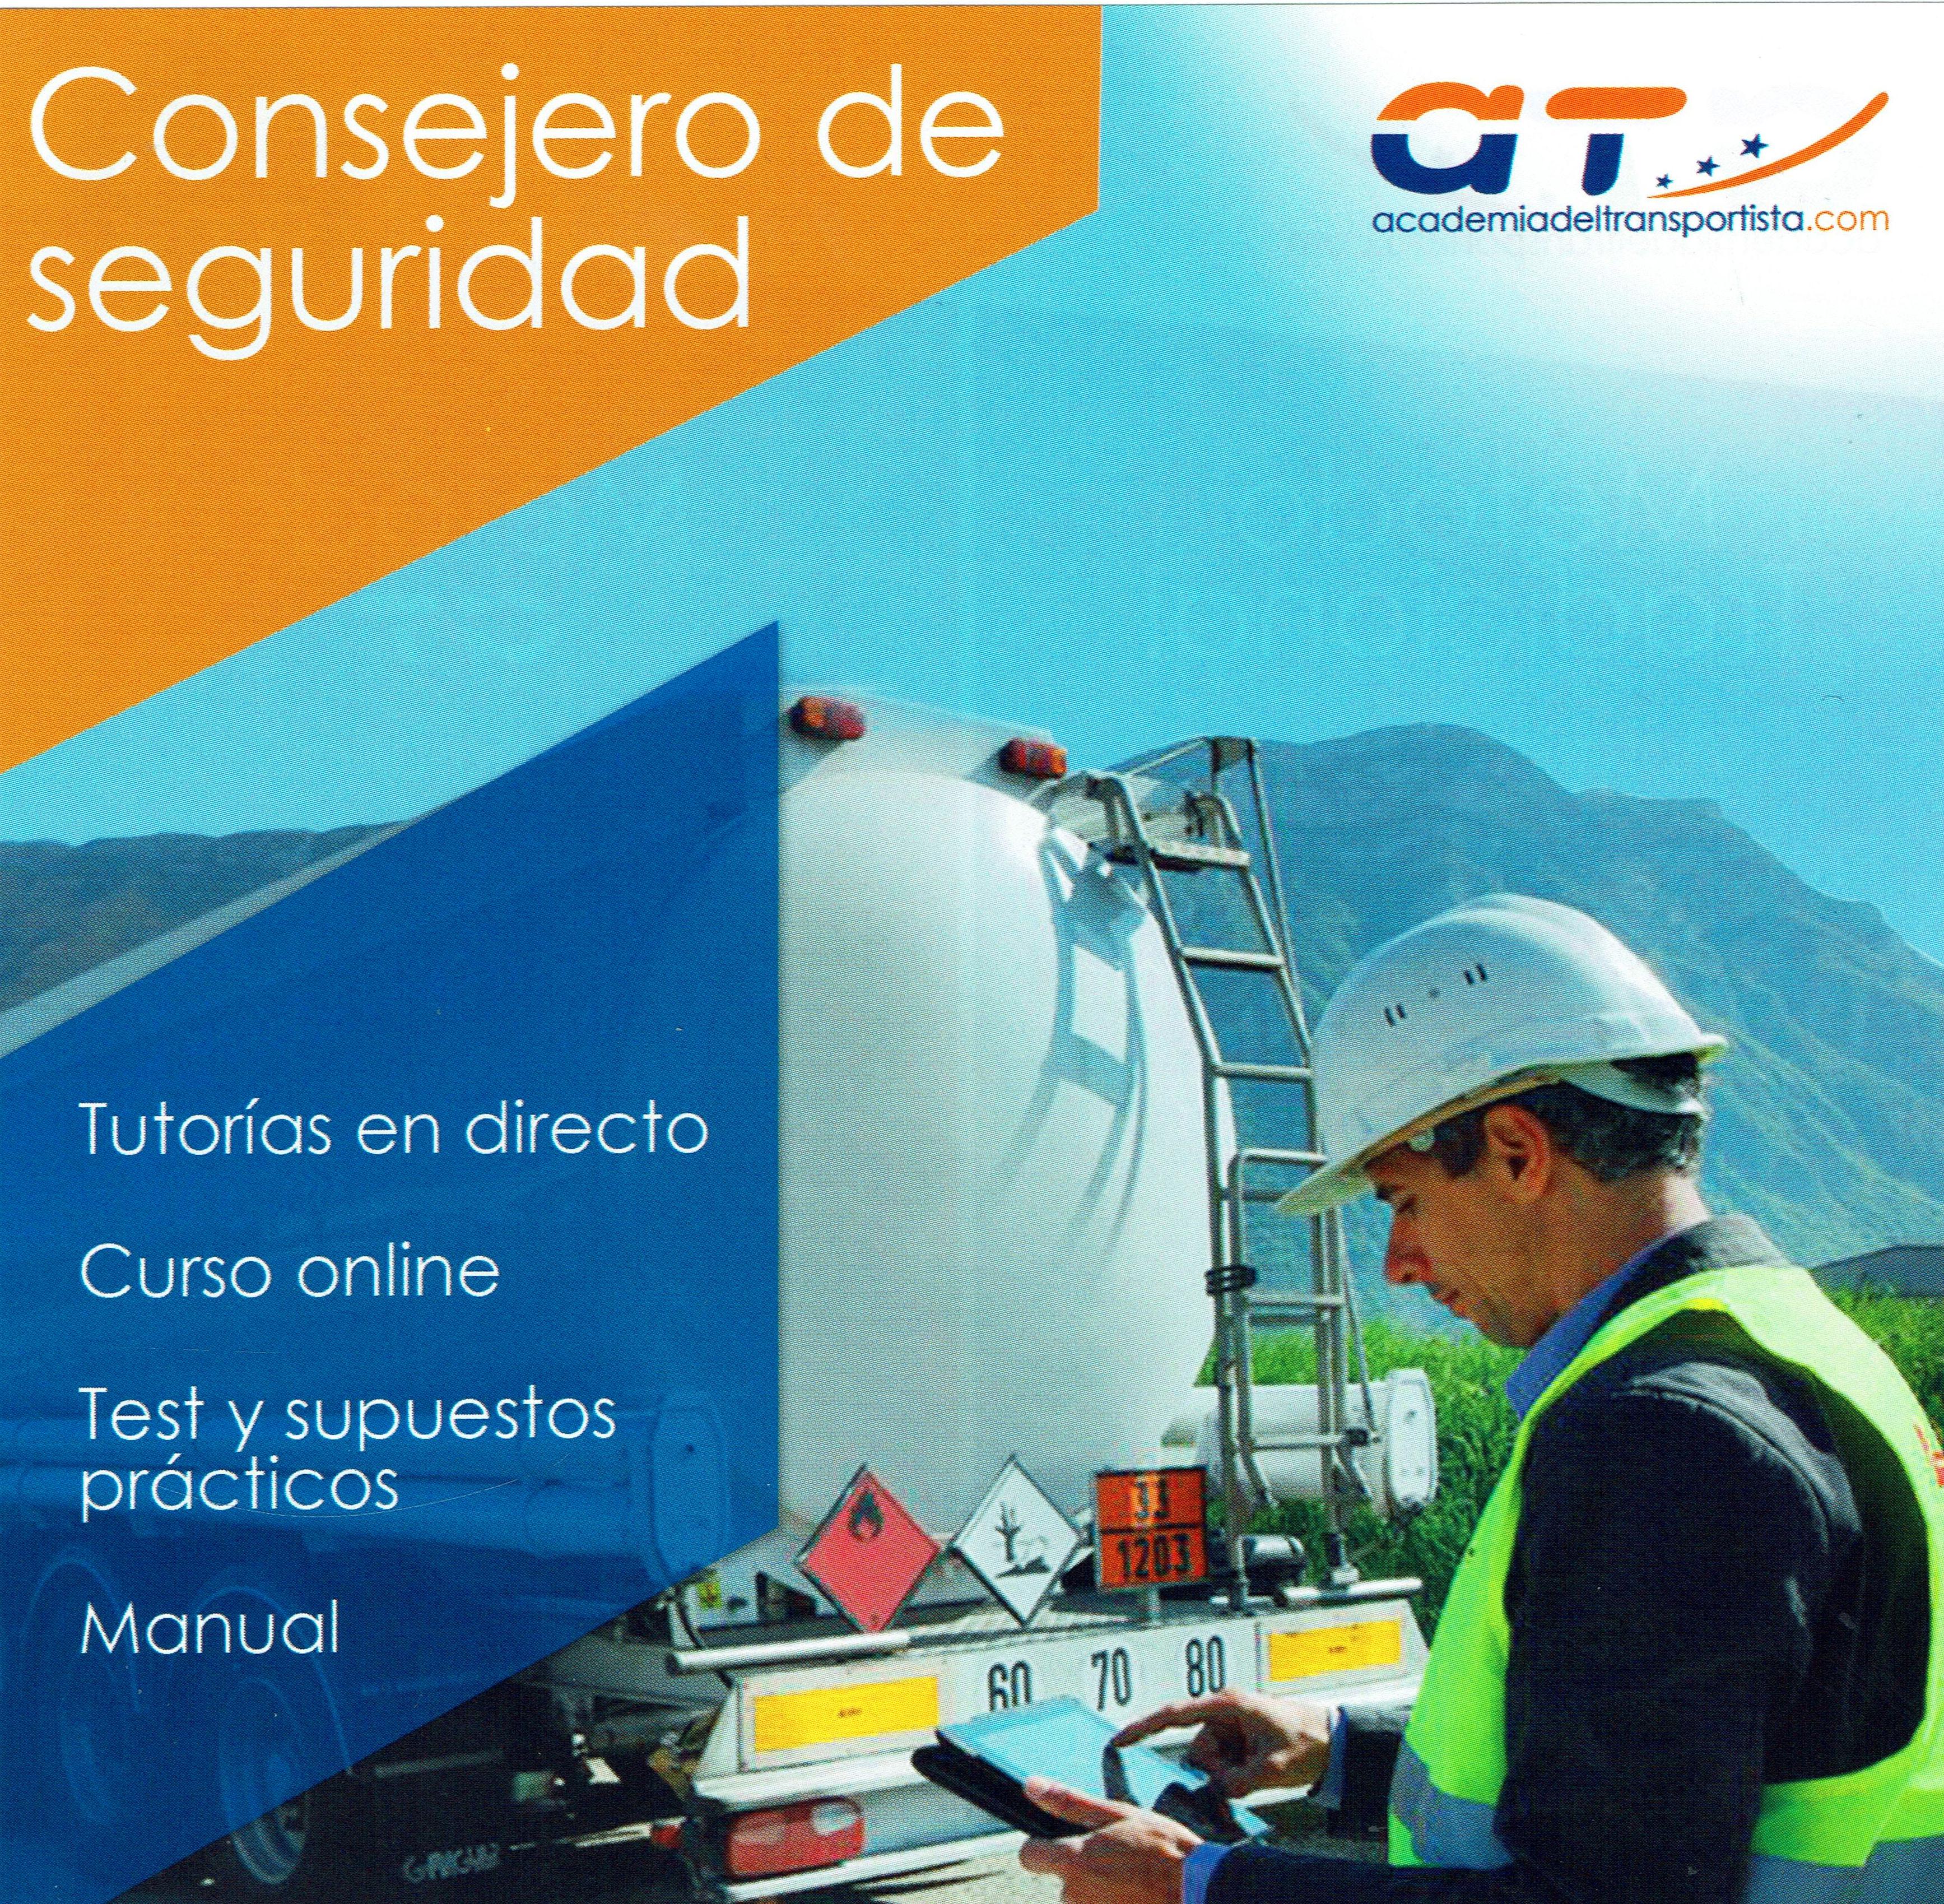 curso consejero de seguridad mercancias peligrosas: CATÁLOGO de Autoescuela San Cristóbal